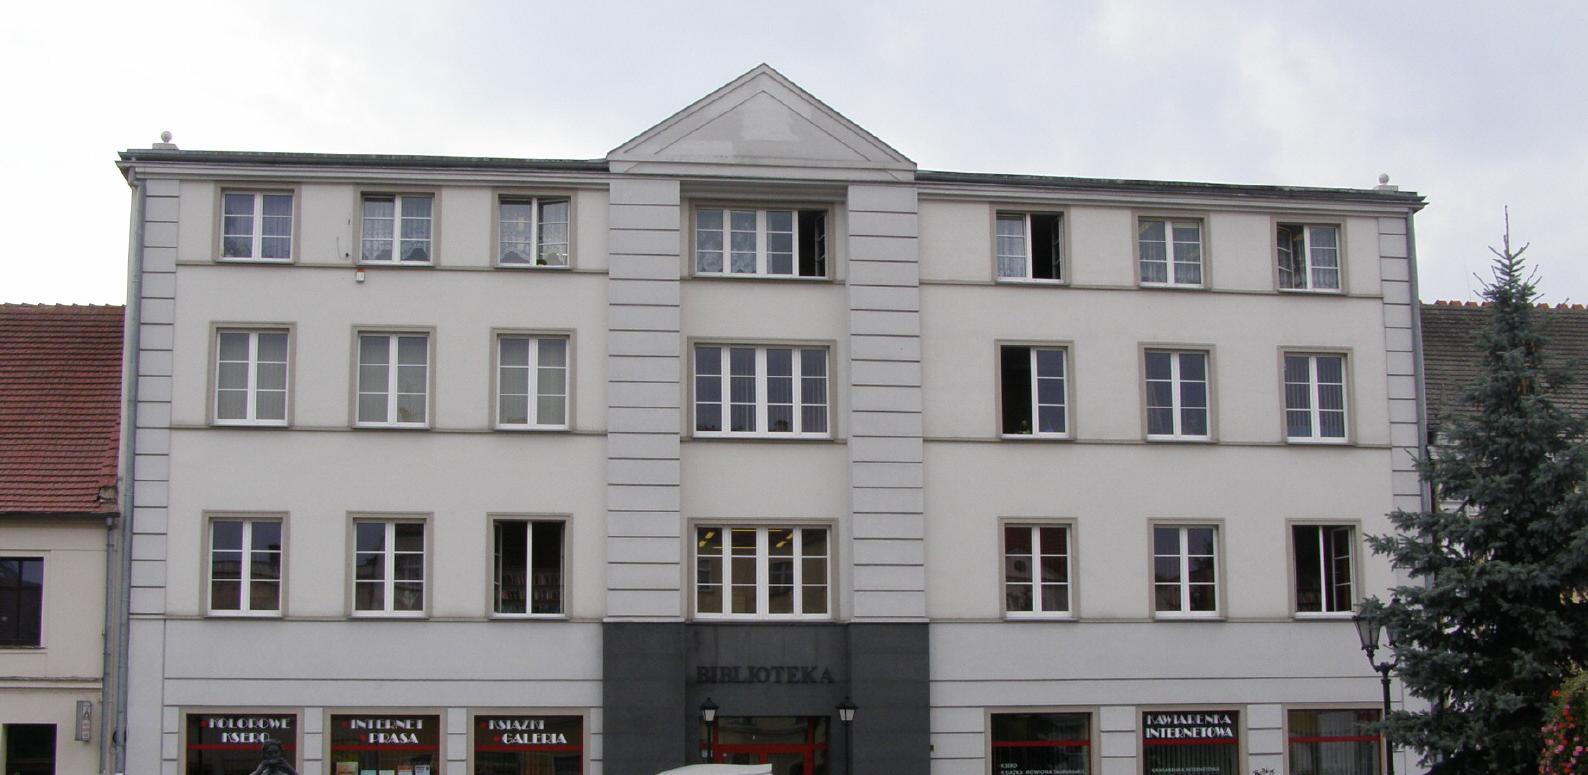 Miejska Biblioteka Puibliczna Budynek